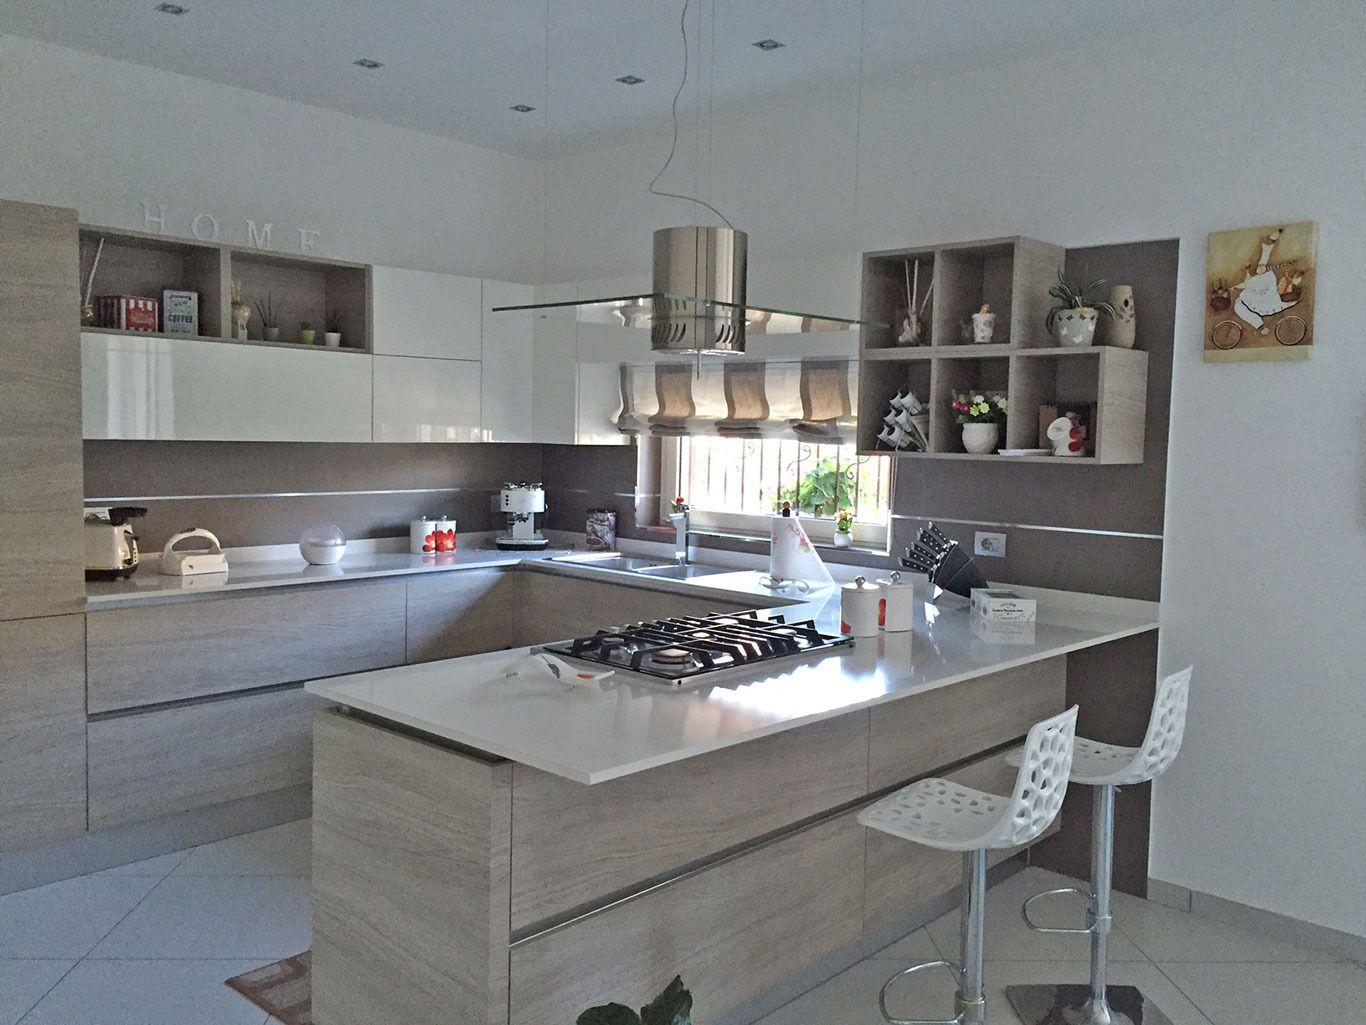 Cucine A U Piccolecucine Piccole Vendita Online : Cucine A Scomparsa  #795F52 1366 1025 Cucine Moderne A U